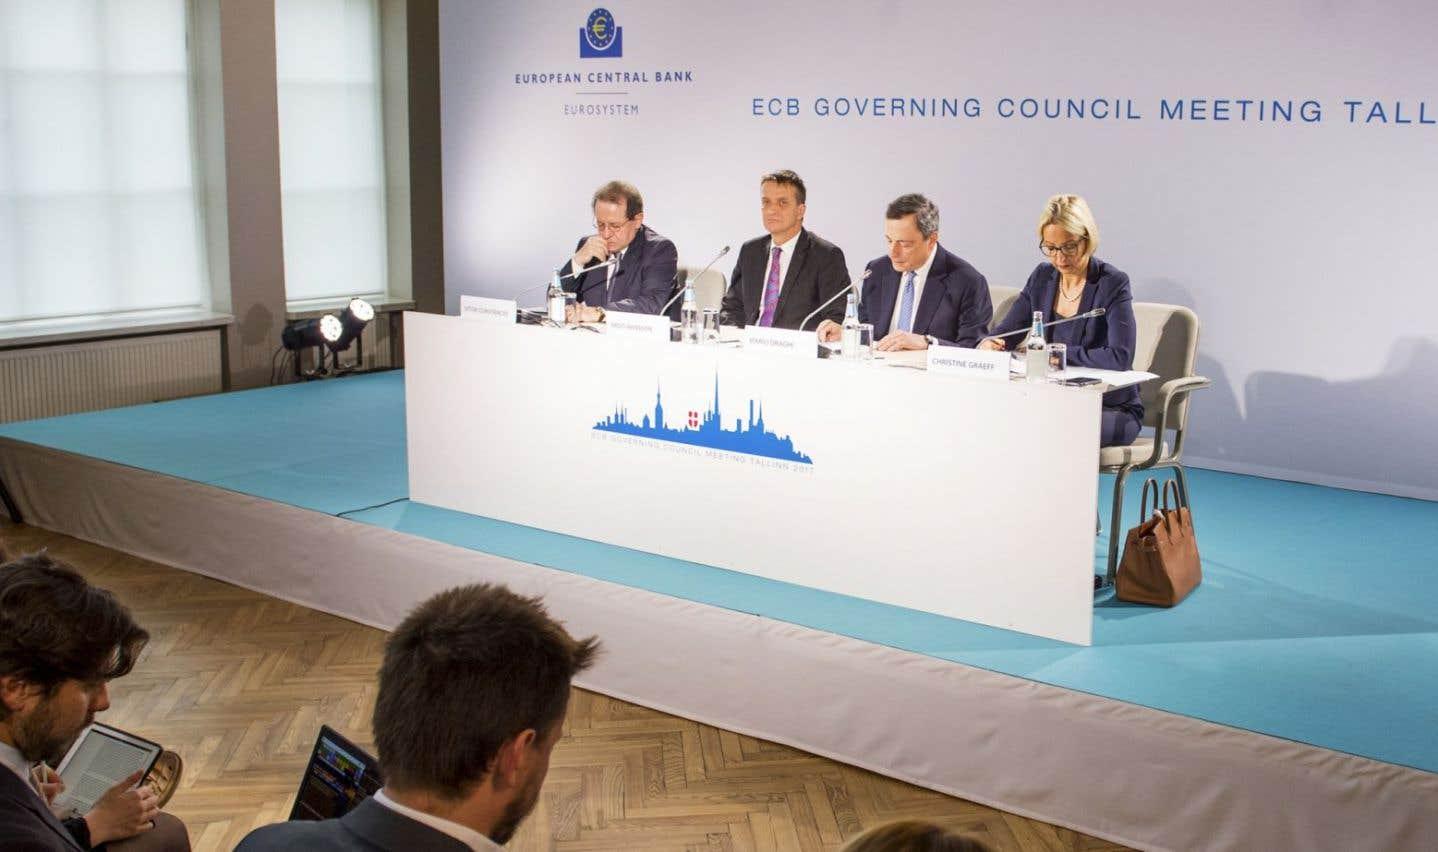 La BCE conserve l'intention de relever les taux d'intérêt «bien après» la fin de son programme de rachats de dette.